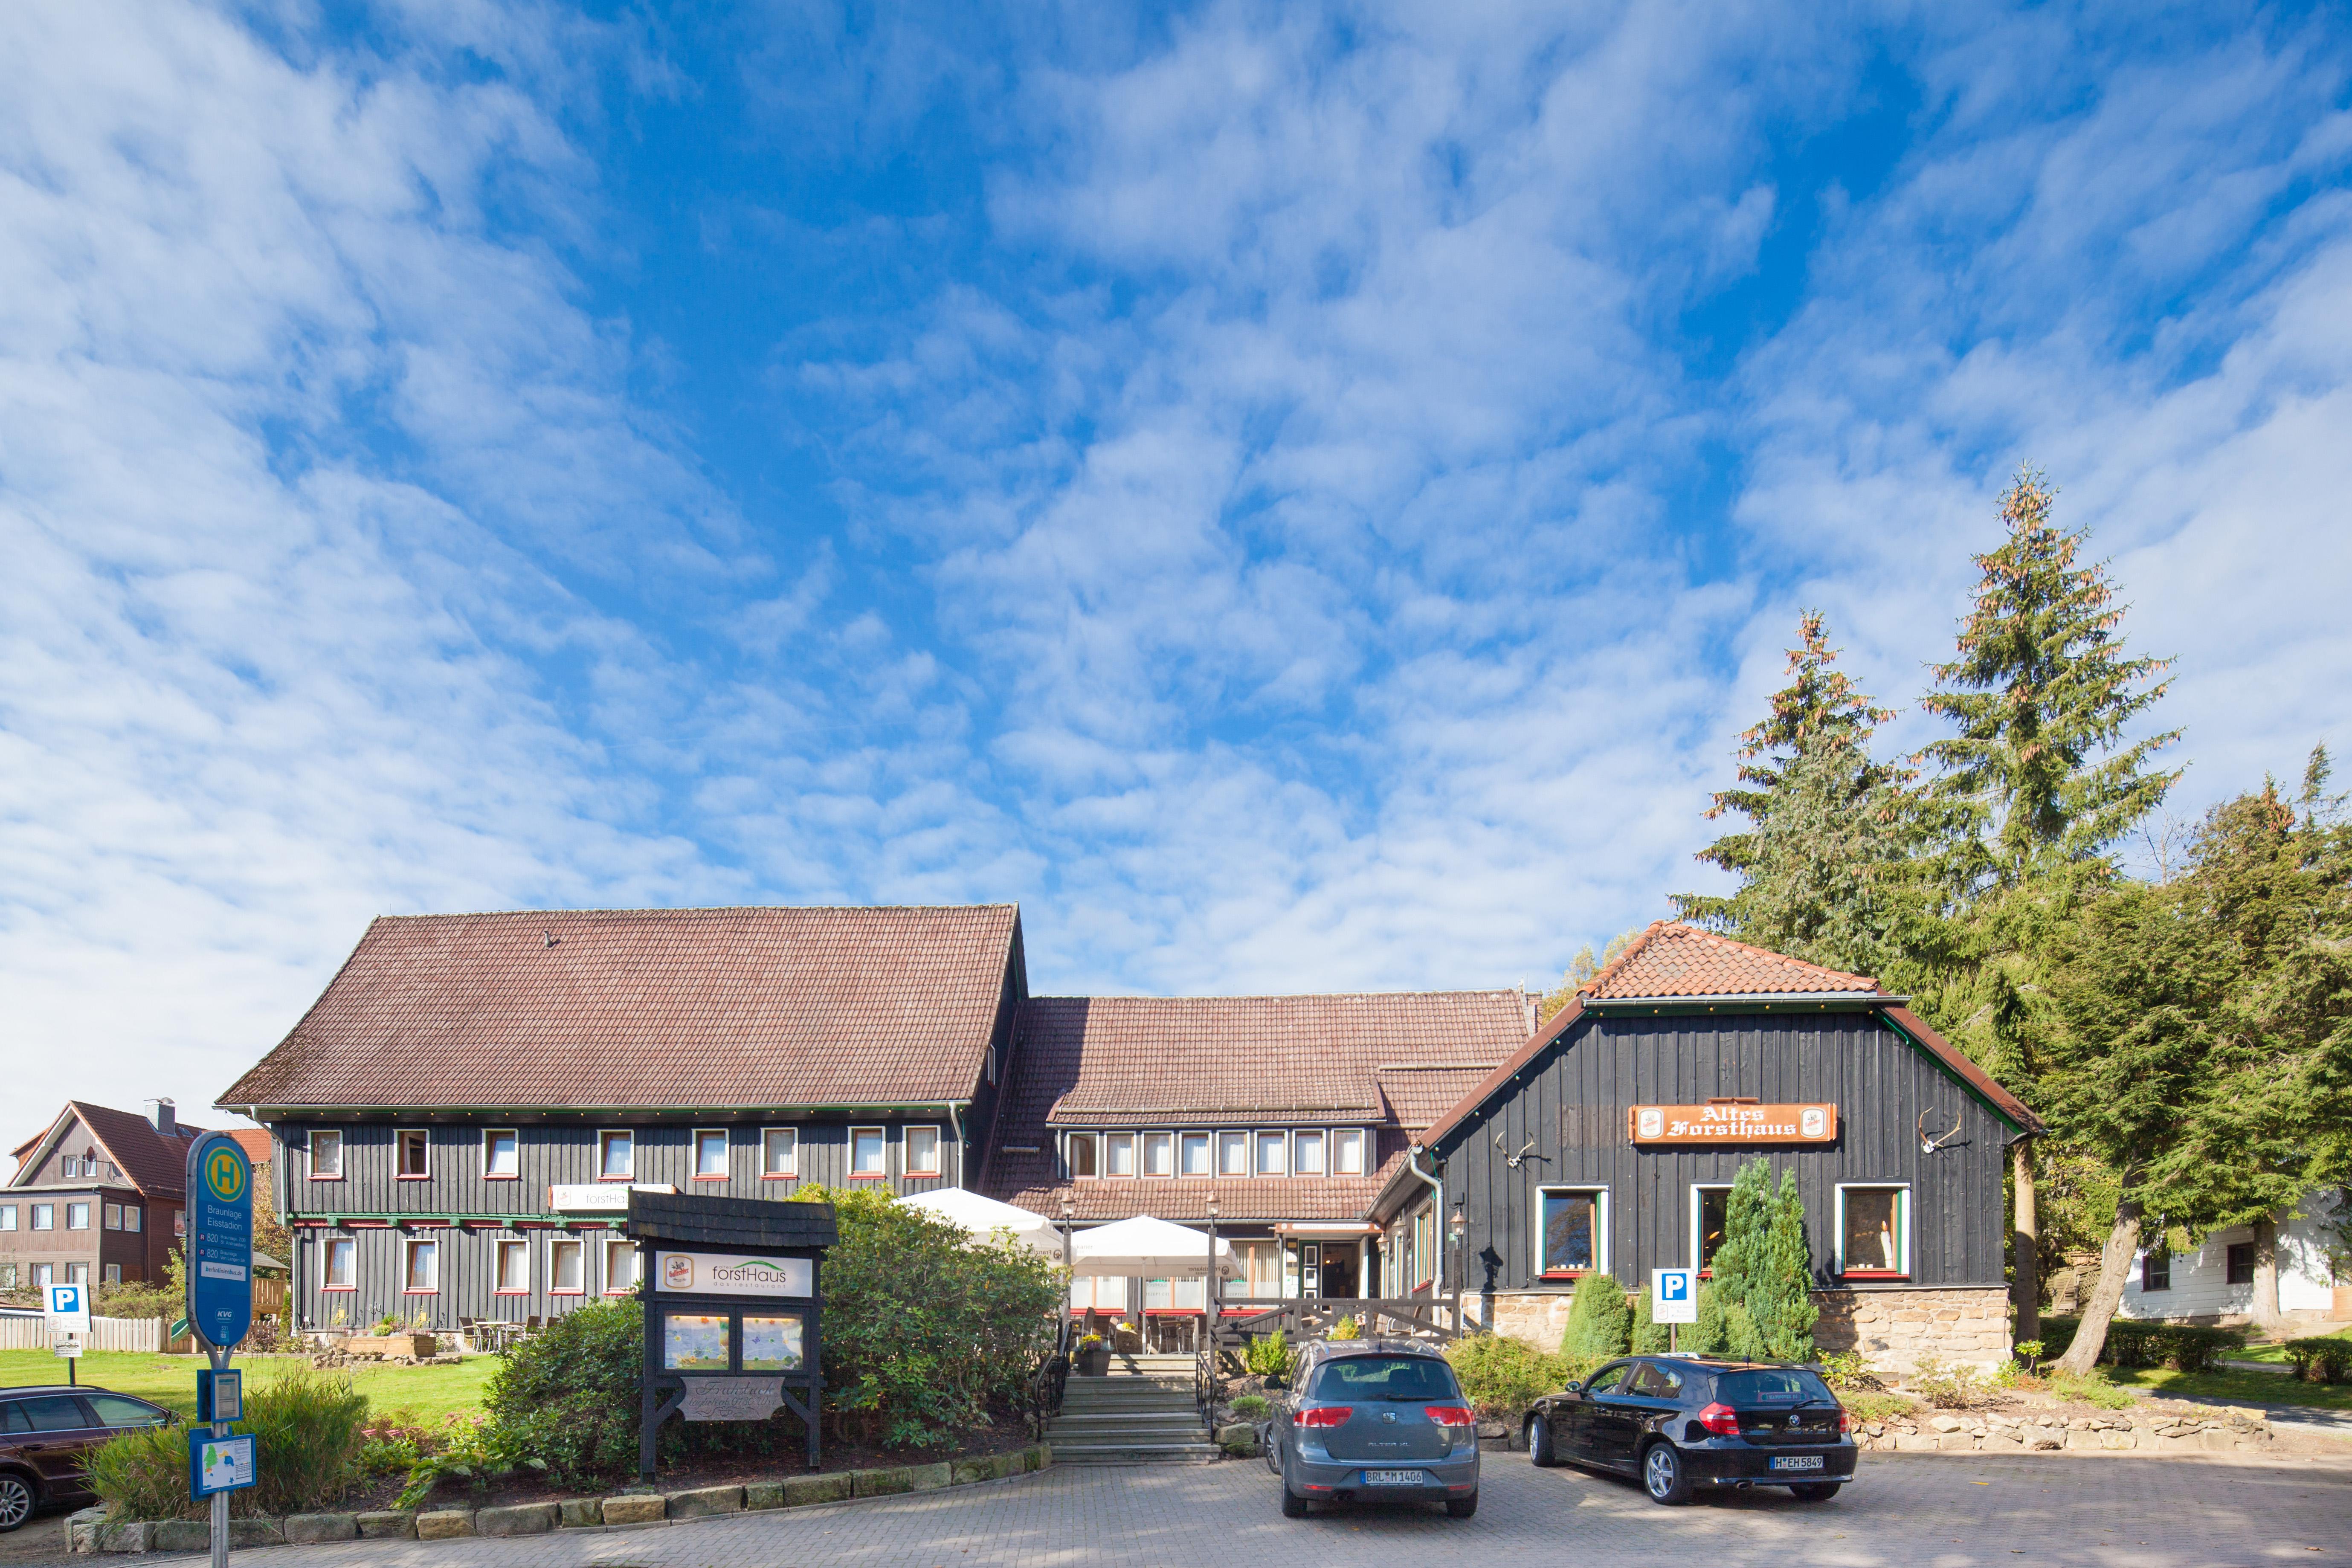 harz hotel altes forsthaus braunlage braunlage